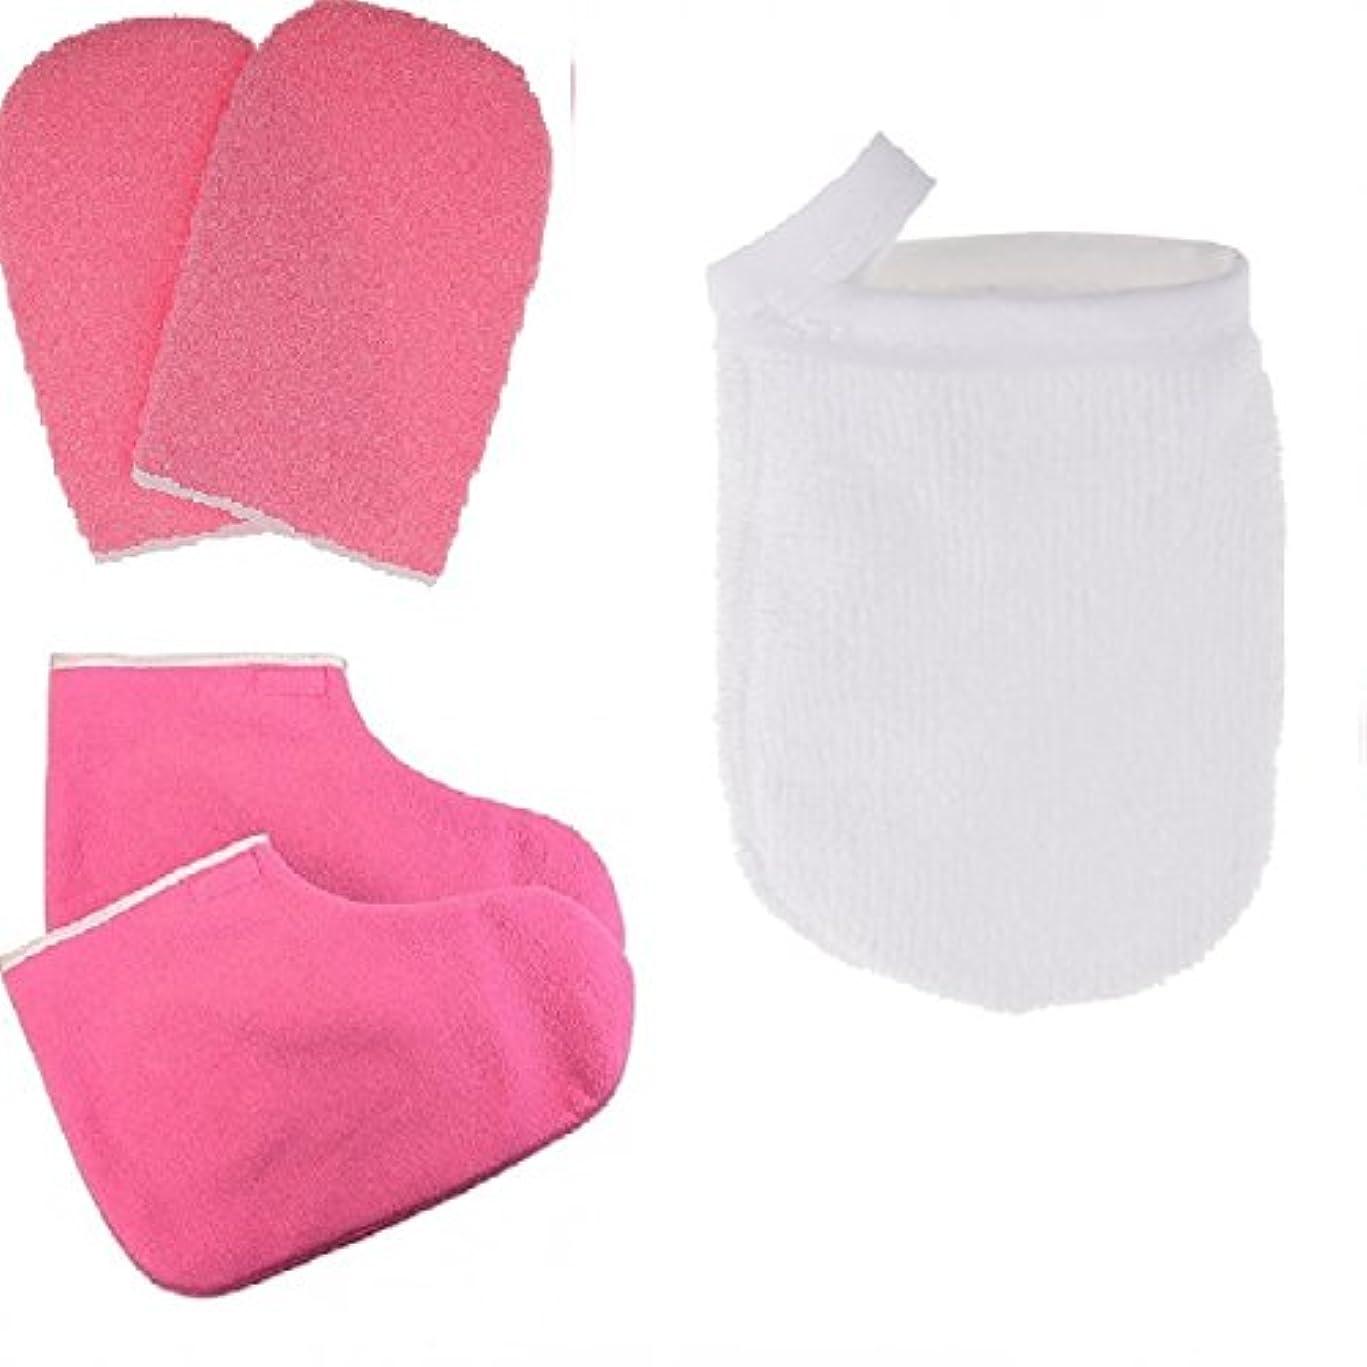 財団鮮やかな時間とともにCUTICATE パラフィン蝋手袋およびブーティのスキンケアが付いている表面構造の清潔になる手袋